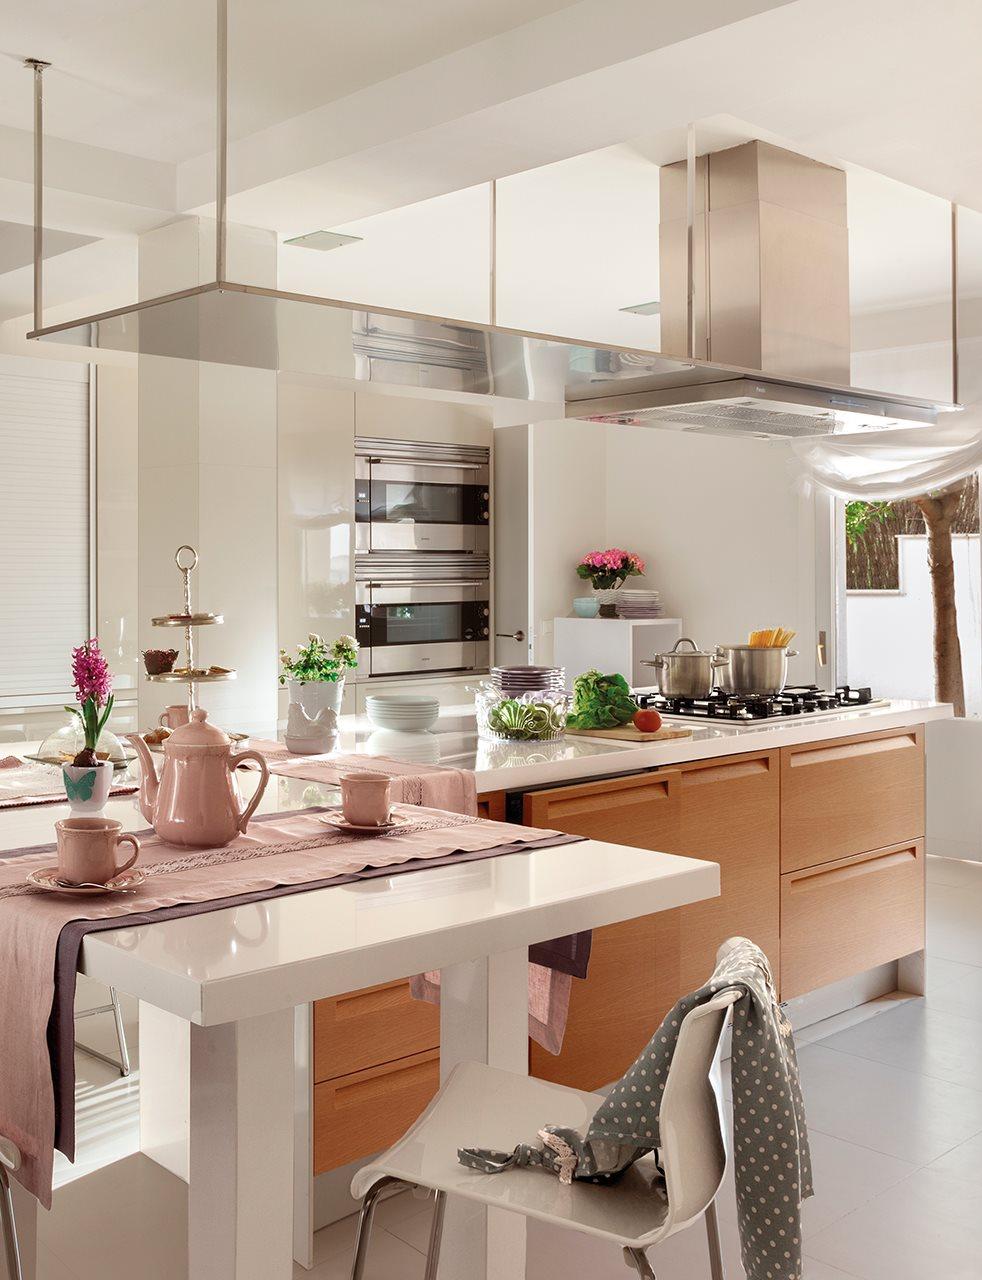 интерьер кухни загородного дома